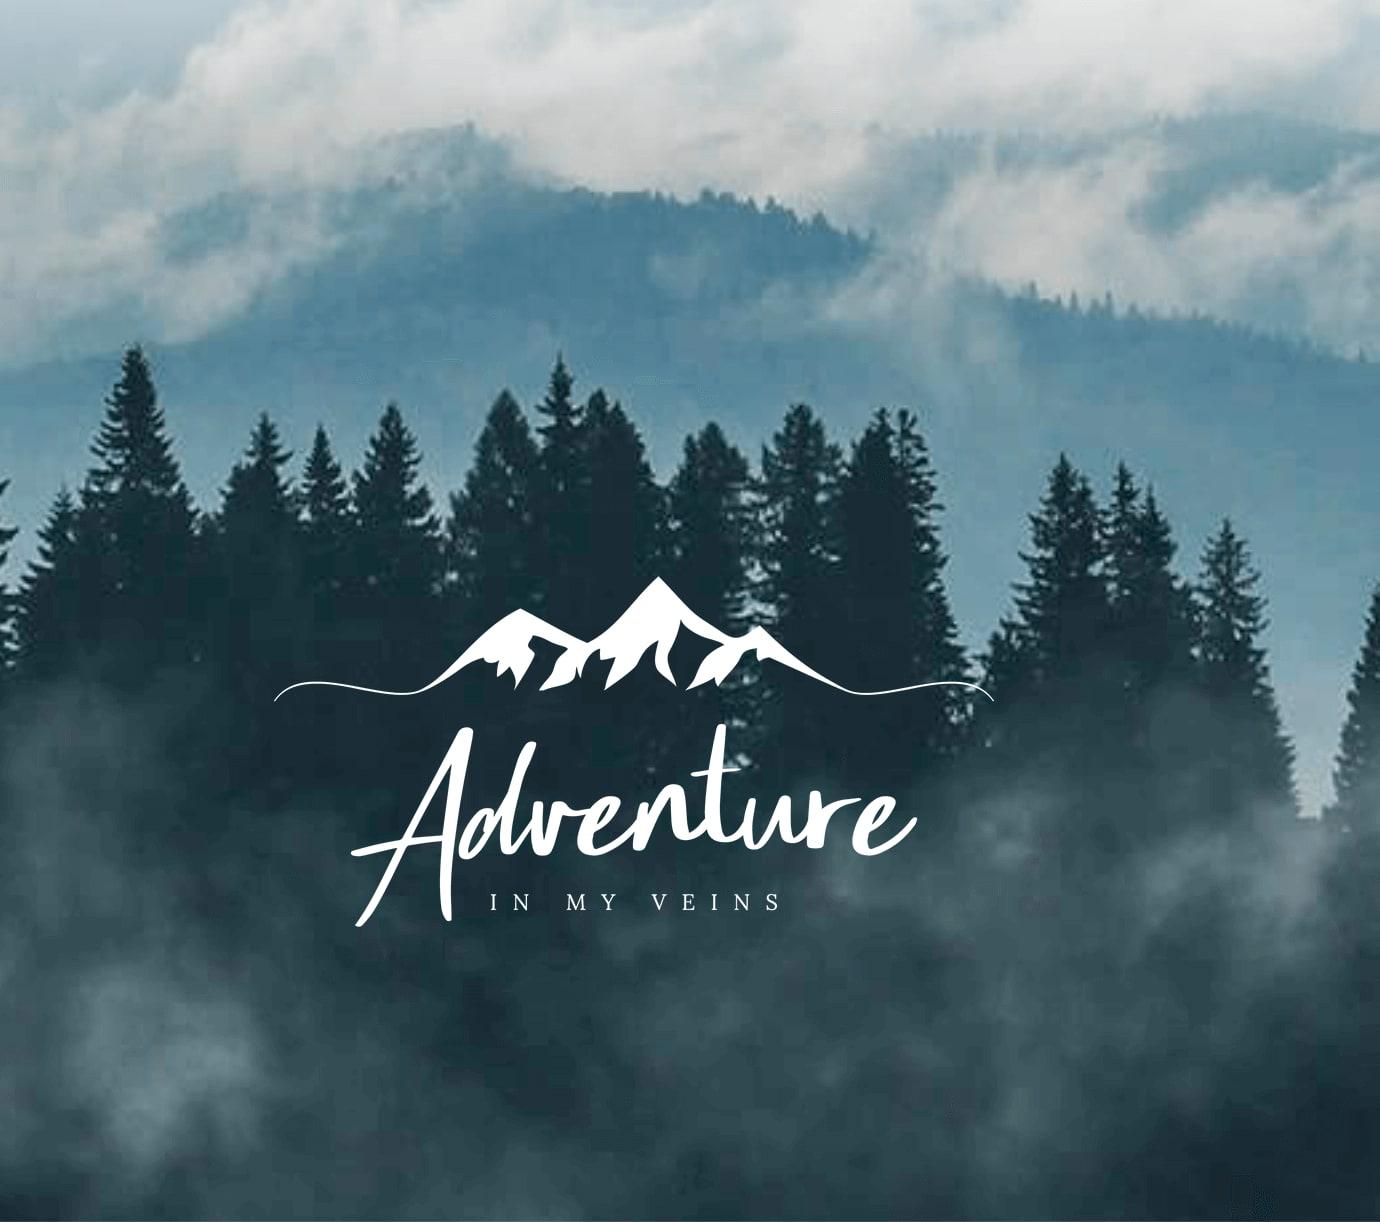 Adventure in my veins website